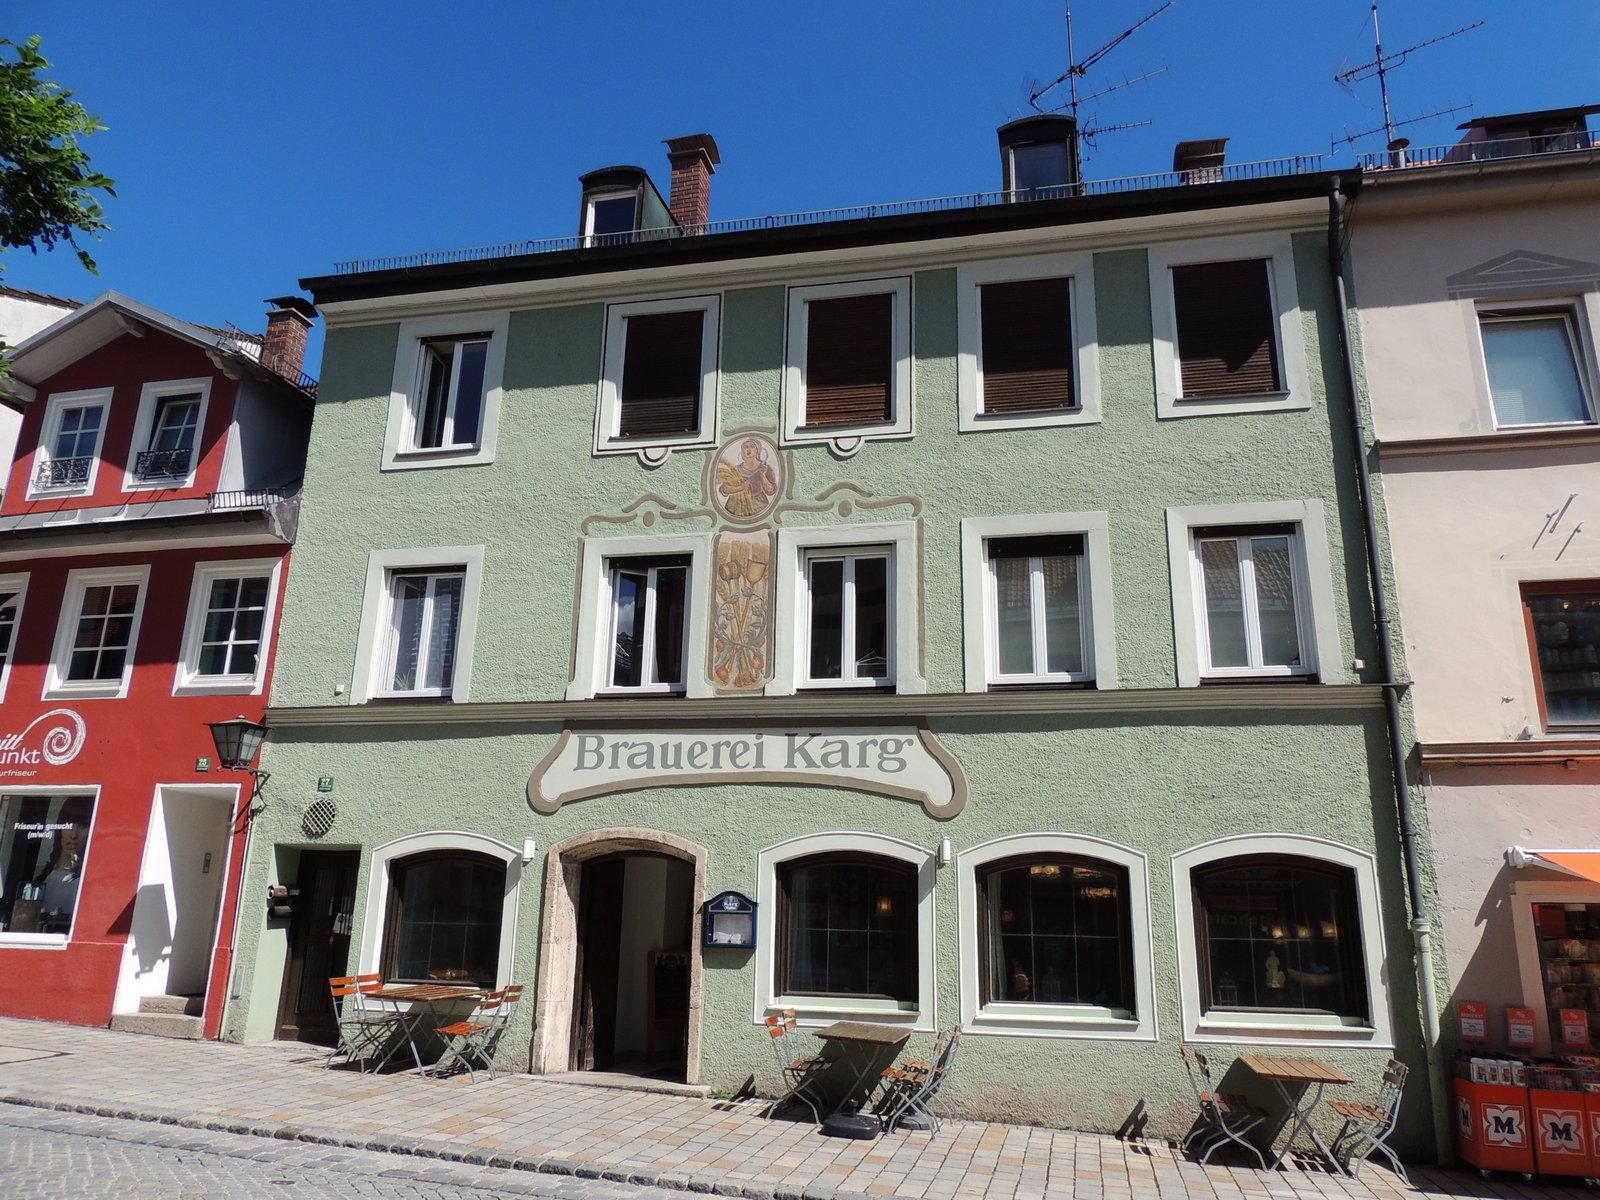 Das Blaue Land - Murnau - Brauerei Karg